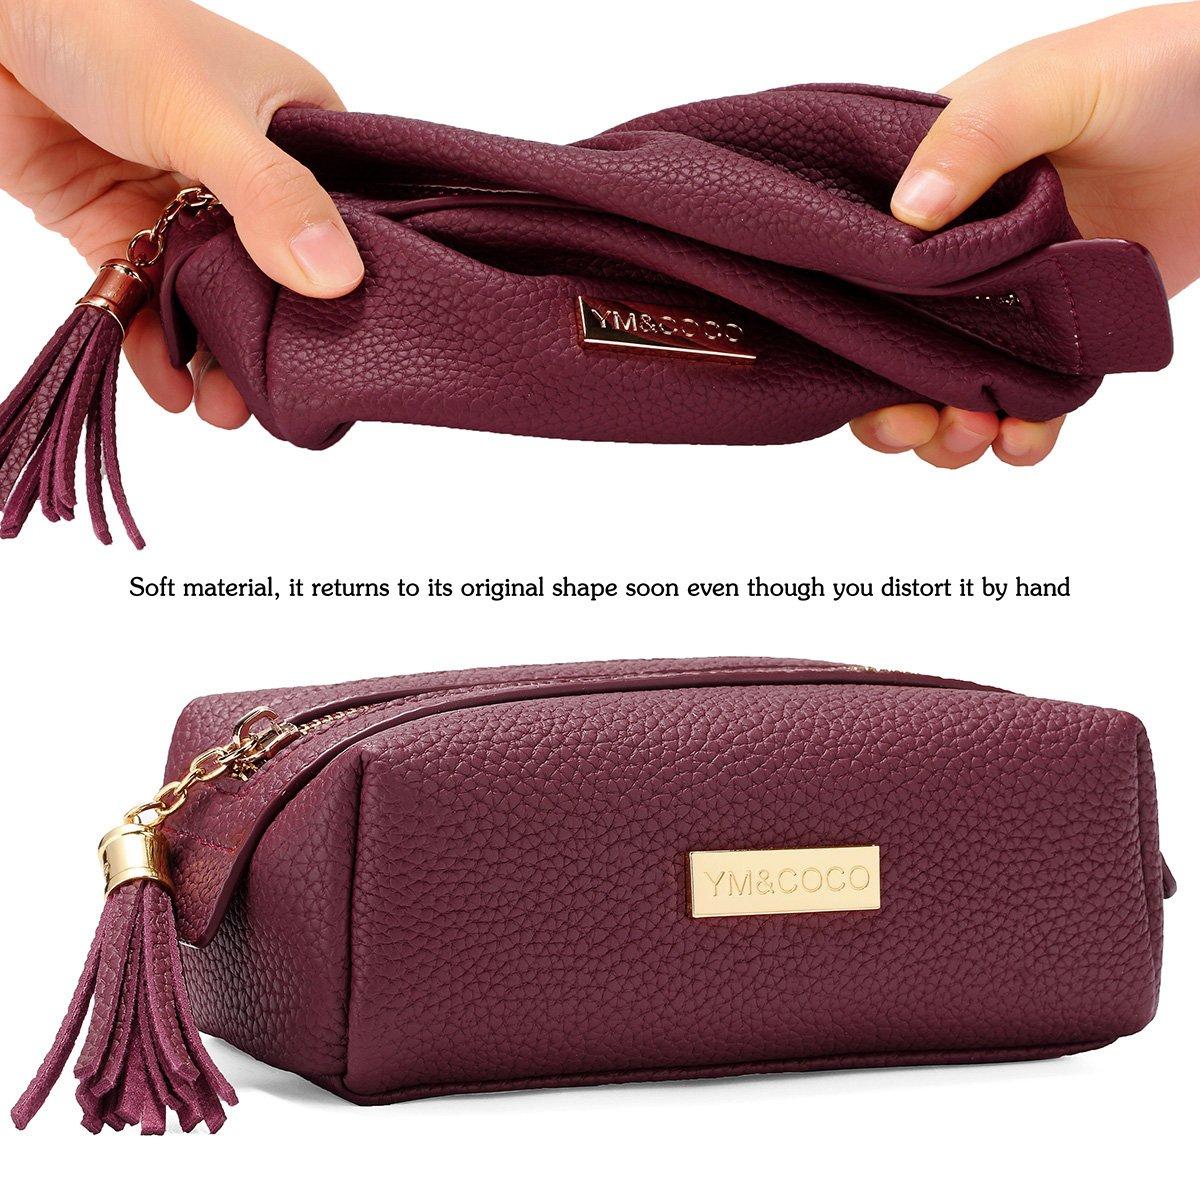 e711d1439960 Amazon.com   Makeup Bag for Purse